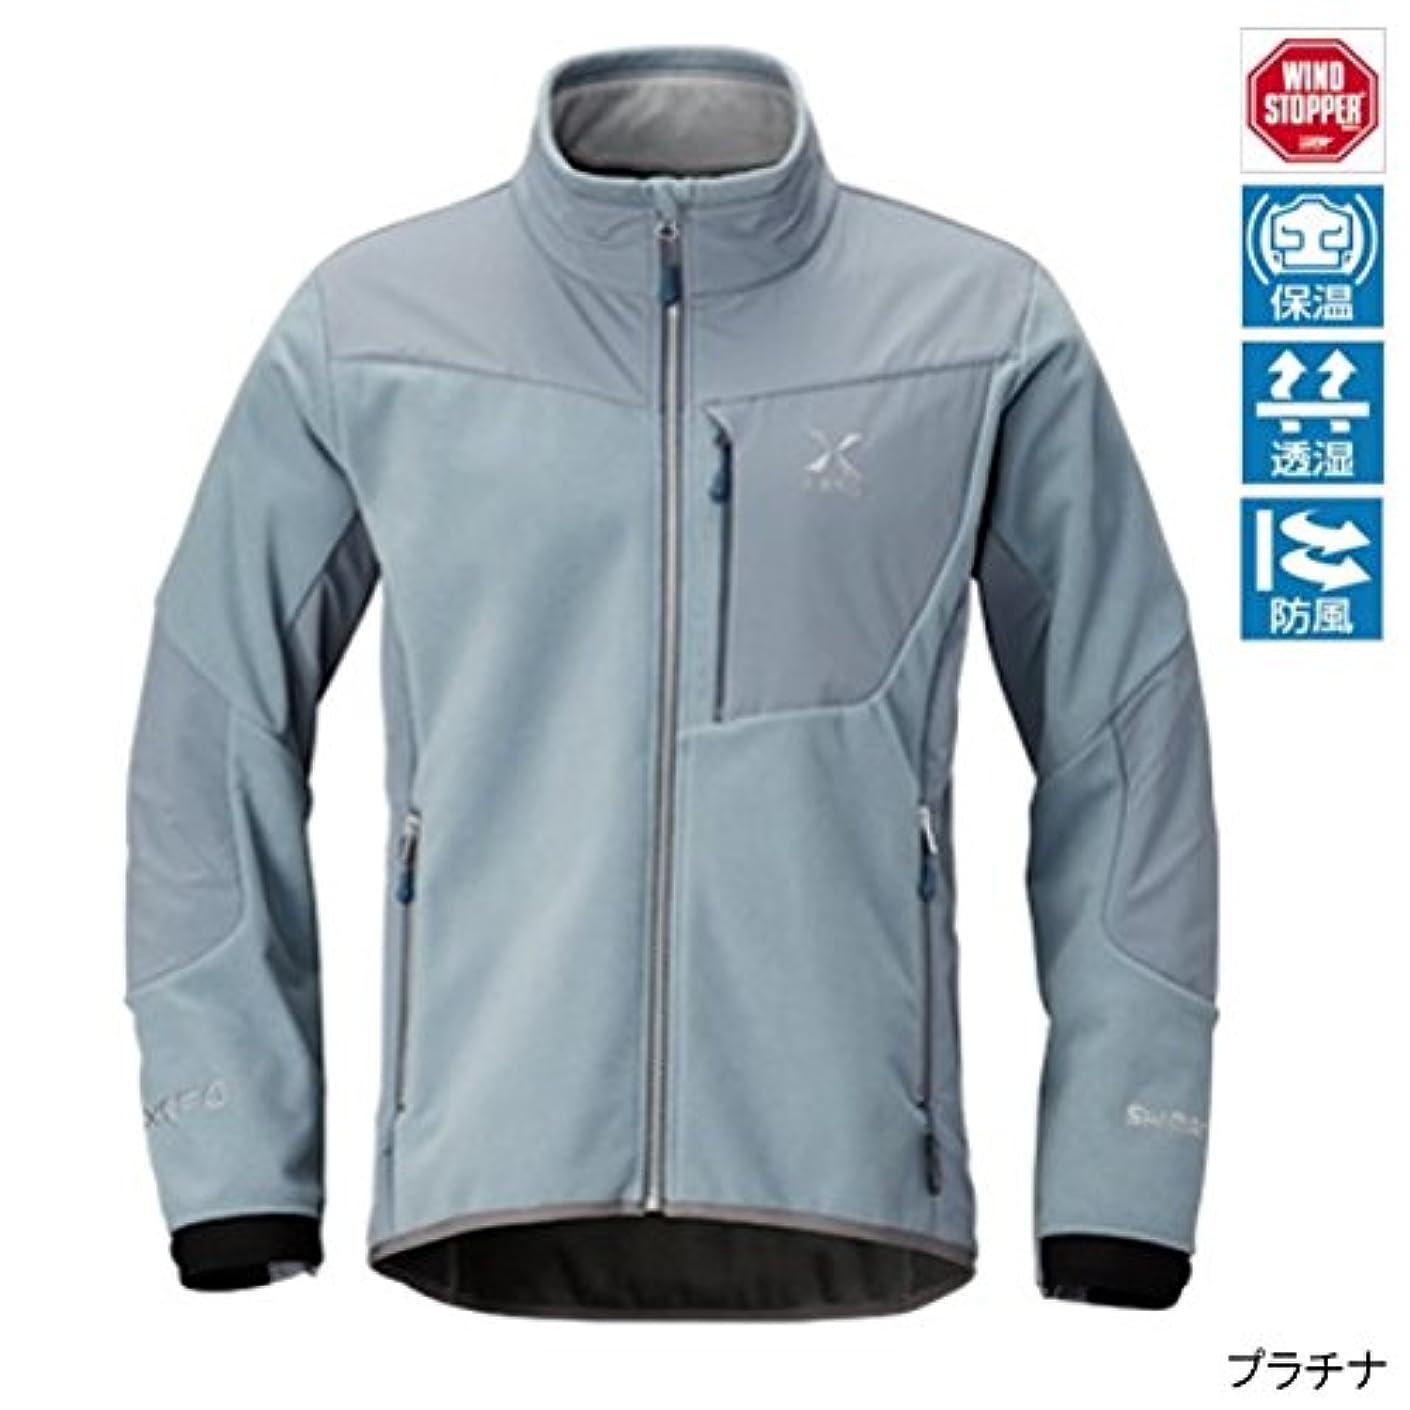 夢なので散文シマノ(SHIMANO) XEFO?WIND STOPPER OPTIMAL Jacket JA-290Q